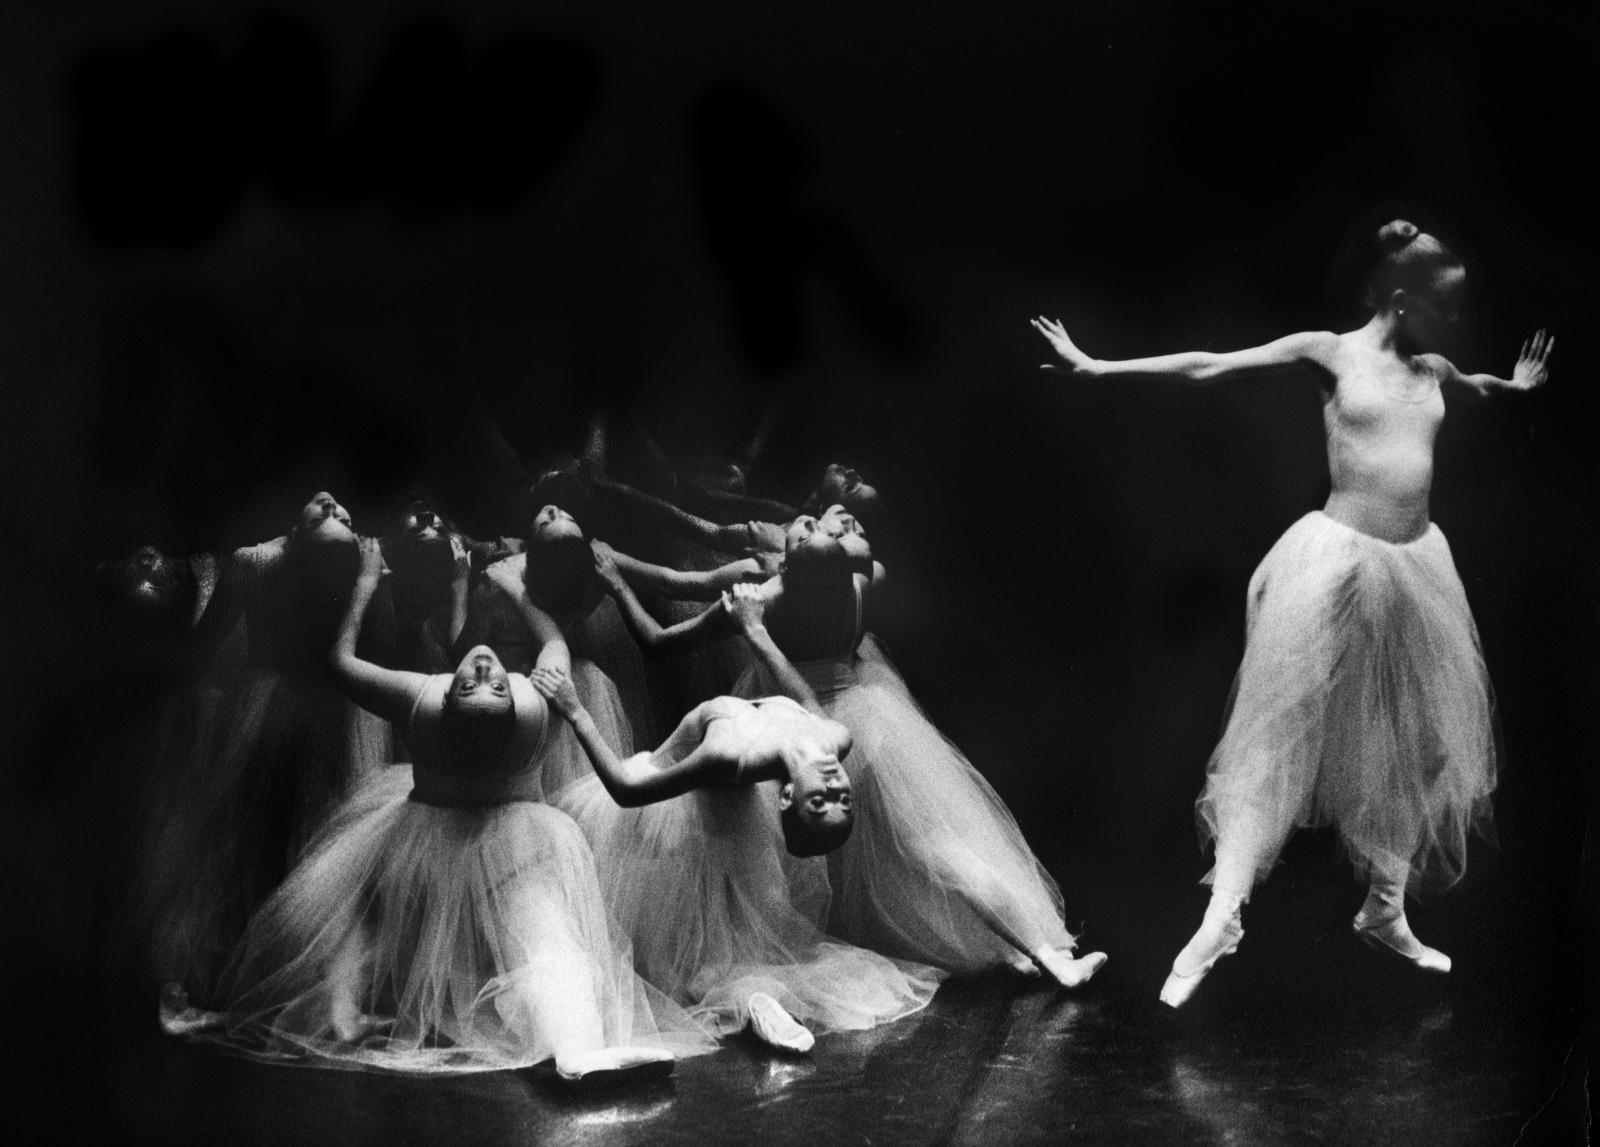 Dancers Arch, Serenade